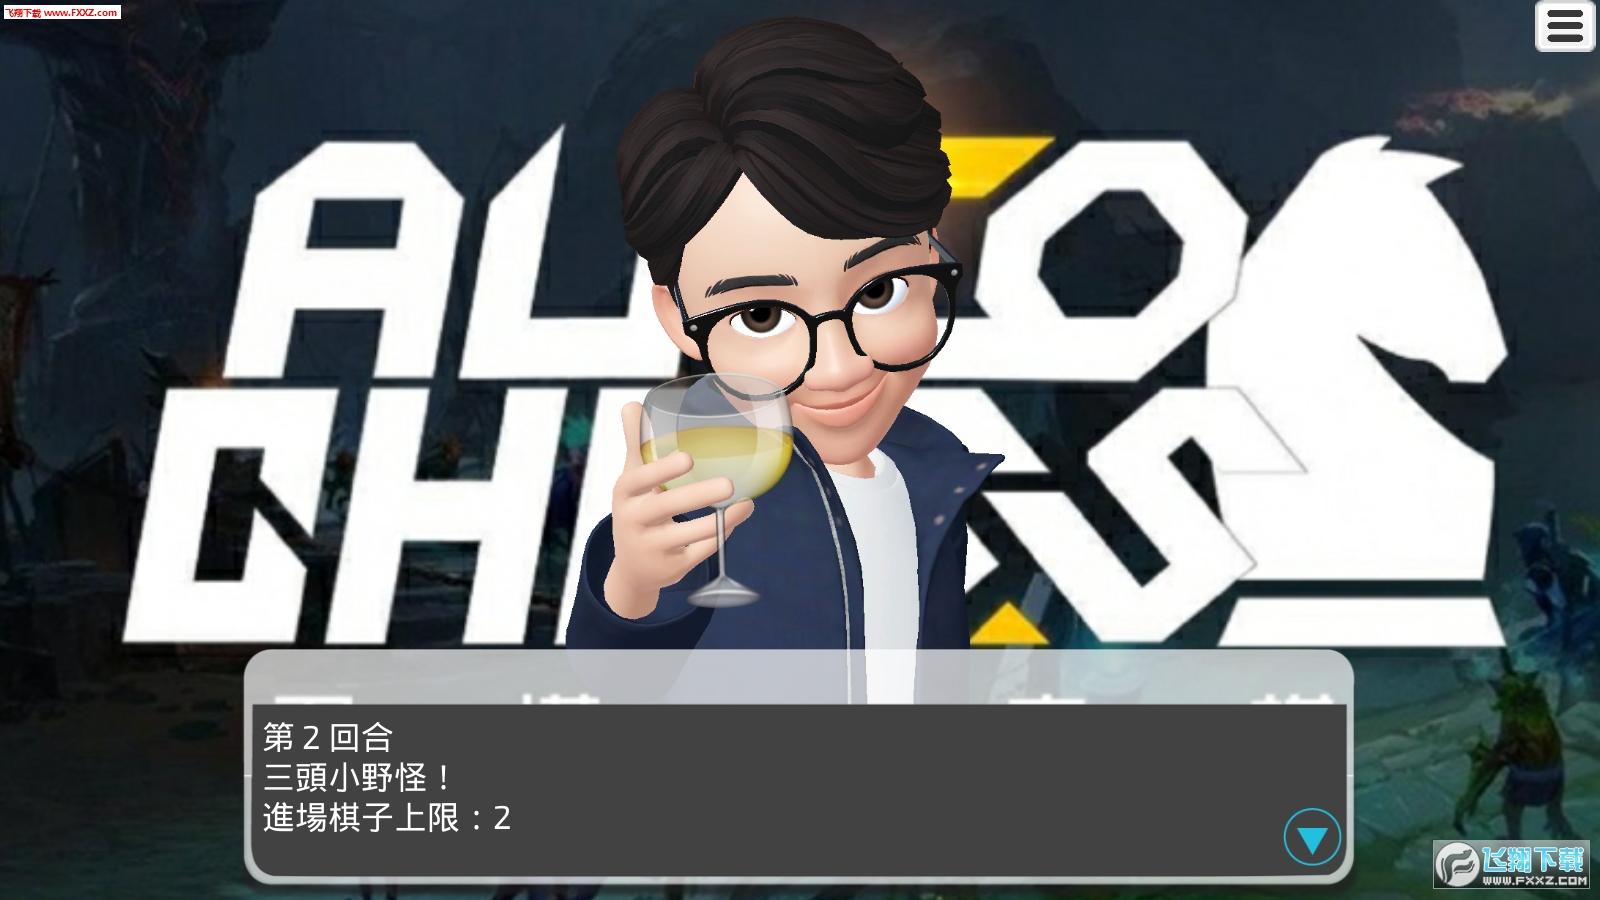 刀塔自走棋助手免费appv6.0截图2